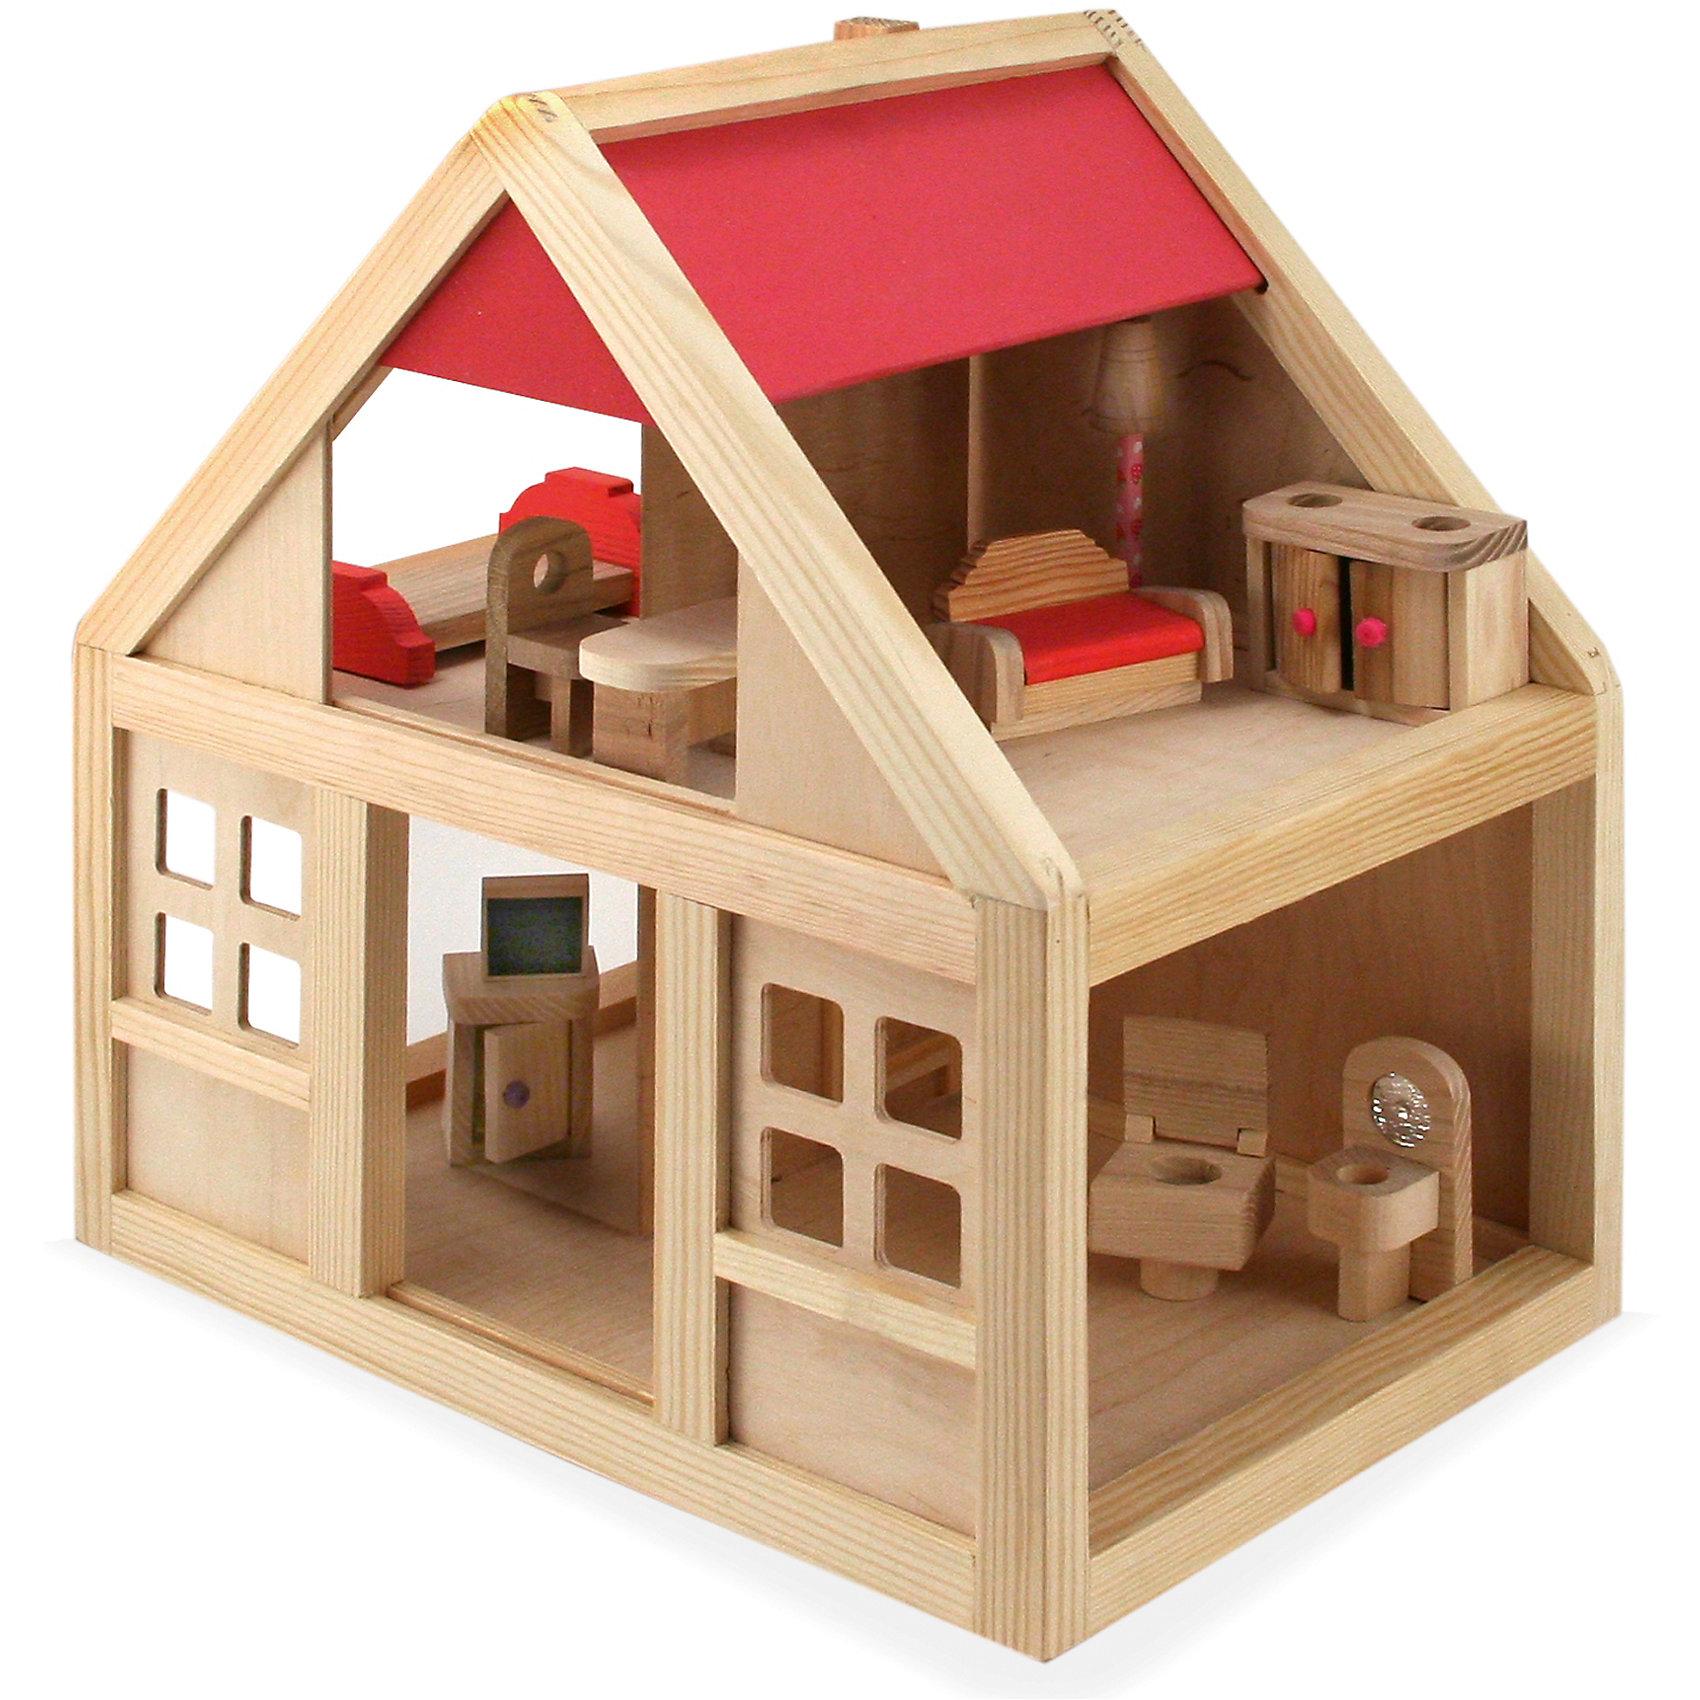 Деревянный домик с набором мебелиЧудесный Деревянный домик со множеством игровых возможностей обязательно понравится Вашей девочке. Игрушка представляет из себя миниатюрную копию настоящего деревенского домика. У него натуральная расцветка, имитирующая дерево, окрашена только крыша. В домике два этажа, доступ на каждый этаж находится сбоку. Имеются окошки, на втором этаже перегородка с часами, на крыше труба. В комплект также входит различная мебель, которой можно обставить комнатки в доме: диван, кровать, тумбочка, телевизор, торшер, раковина, унитаз, комод, стол и стул. Набор отлично подходит для сюжетно-ролевых игр, развивает фантазию, воображение и коммуникативные навыки. <br>Ещё одно преимущество данного набора состоит в том, что домик и аксессуары можно раскрасить расками, используя те цвета, которые предпочитает Ваш ребёнок! А играть в собстенно раскрашенный домик намного интереснее!<br><br>Дополнительная информация:<br><br>- В комплекте: домик, мебель (диван, кровать, тумбочка, телевизор, торшер, раковина, унитаз, комод, стол, стул).<br>- Материал: дерево.<br>- Размер упаковки: 35 х 35 х 23 см. <br>- Вес: 3 кг. <br><br>Деревянный домик с набором мебели можно купить в нашем интернет-магазине.<br><br>Ширина мм: 350<br>Глубина мм: 350<br>Высота мм: 250<br>Вес г: 3000<br>Возраст от месяцев: 36<br>Возраст до месяцев: 96<br>Пол: Женский<br>Возраст: Детский<br>SKU: 4248716